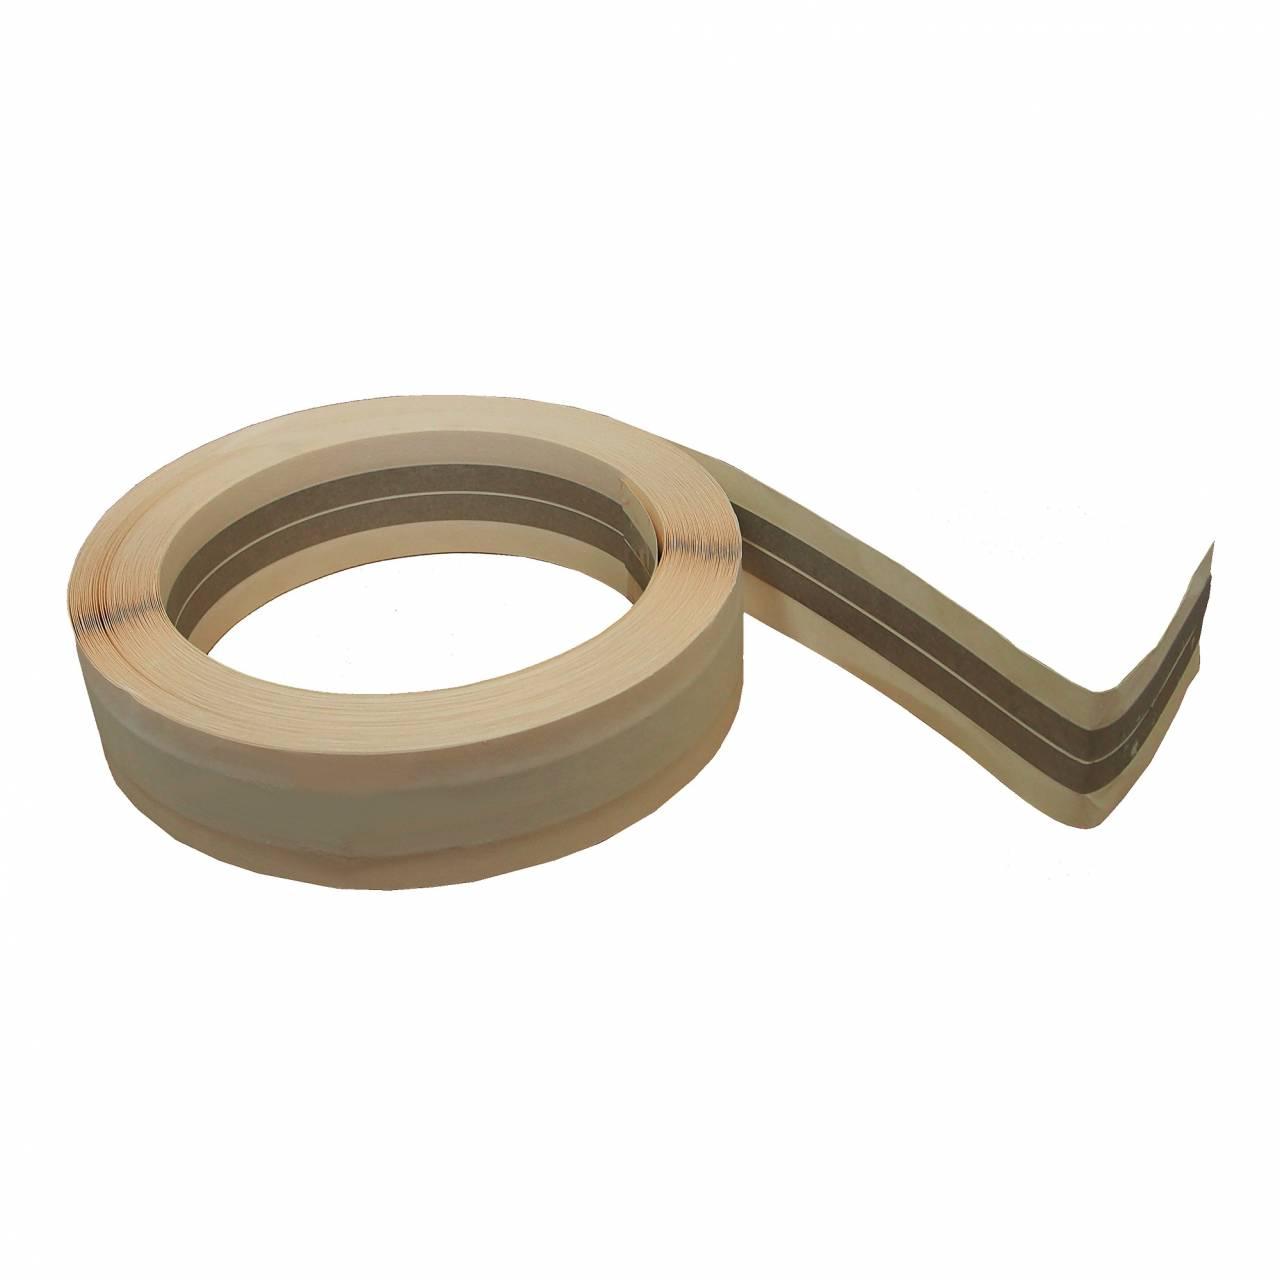 Alu-Kantenschutz für Gipskarton, 5 cm x 30,0 m / Rolle